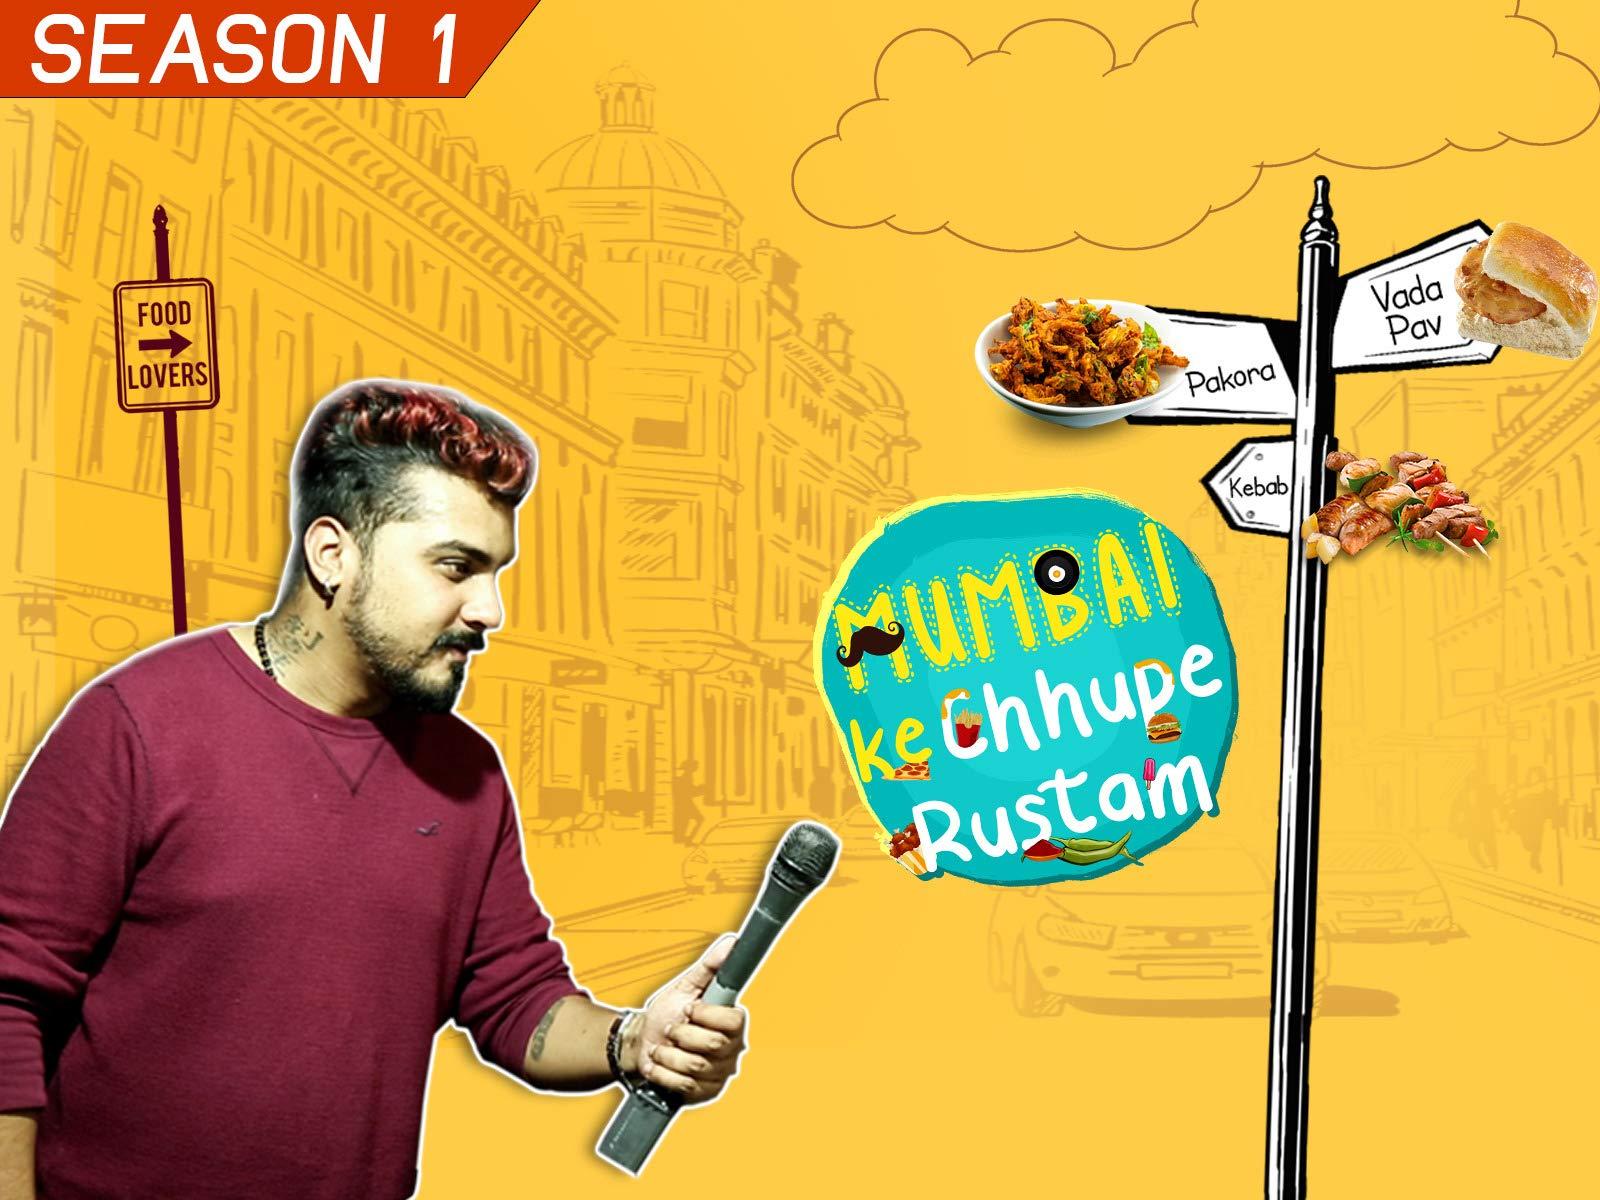 Clip: Mumbai Ke Chhupe Rustam - Season 1